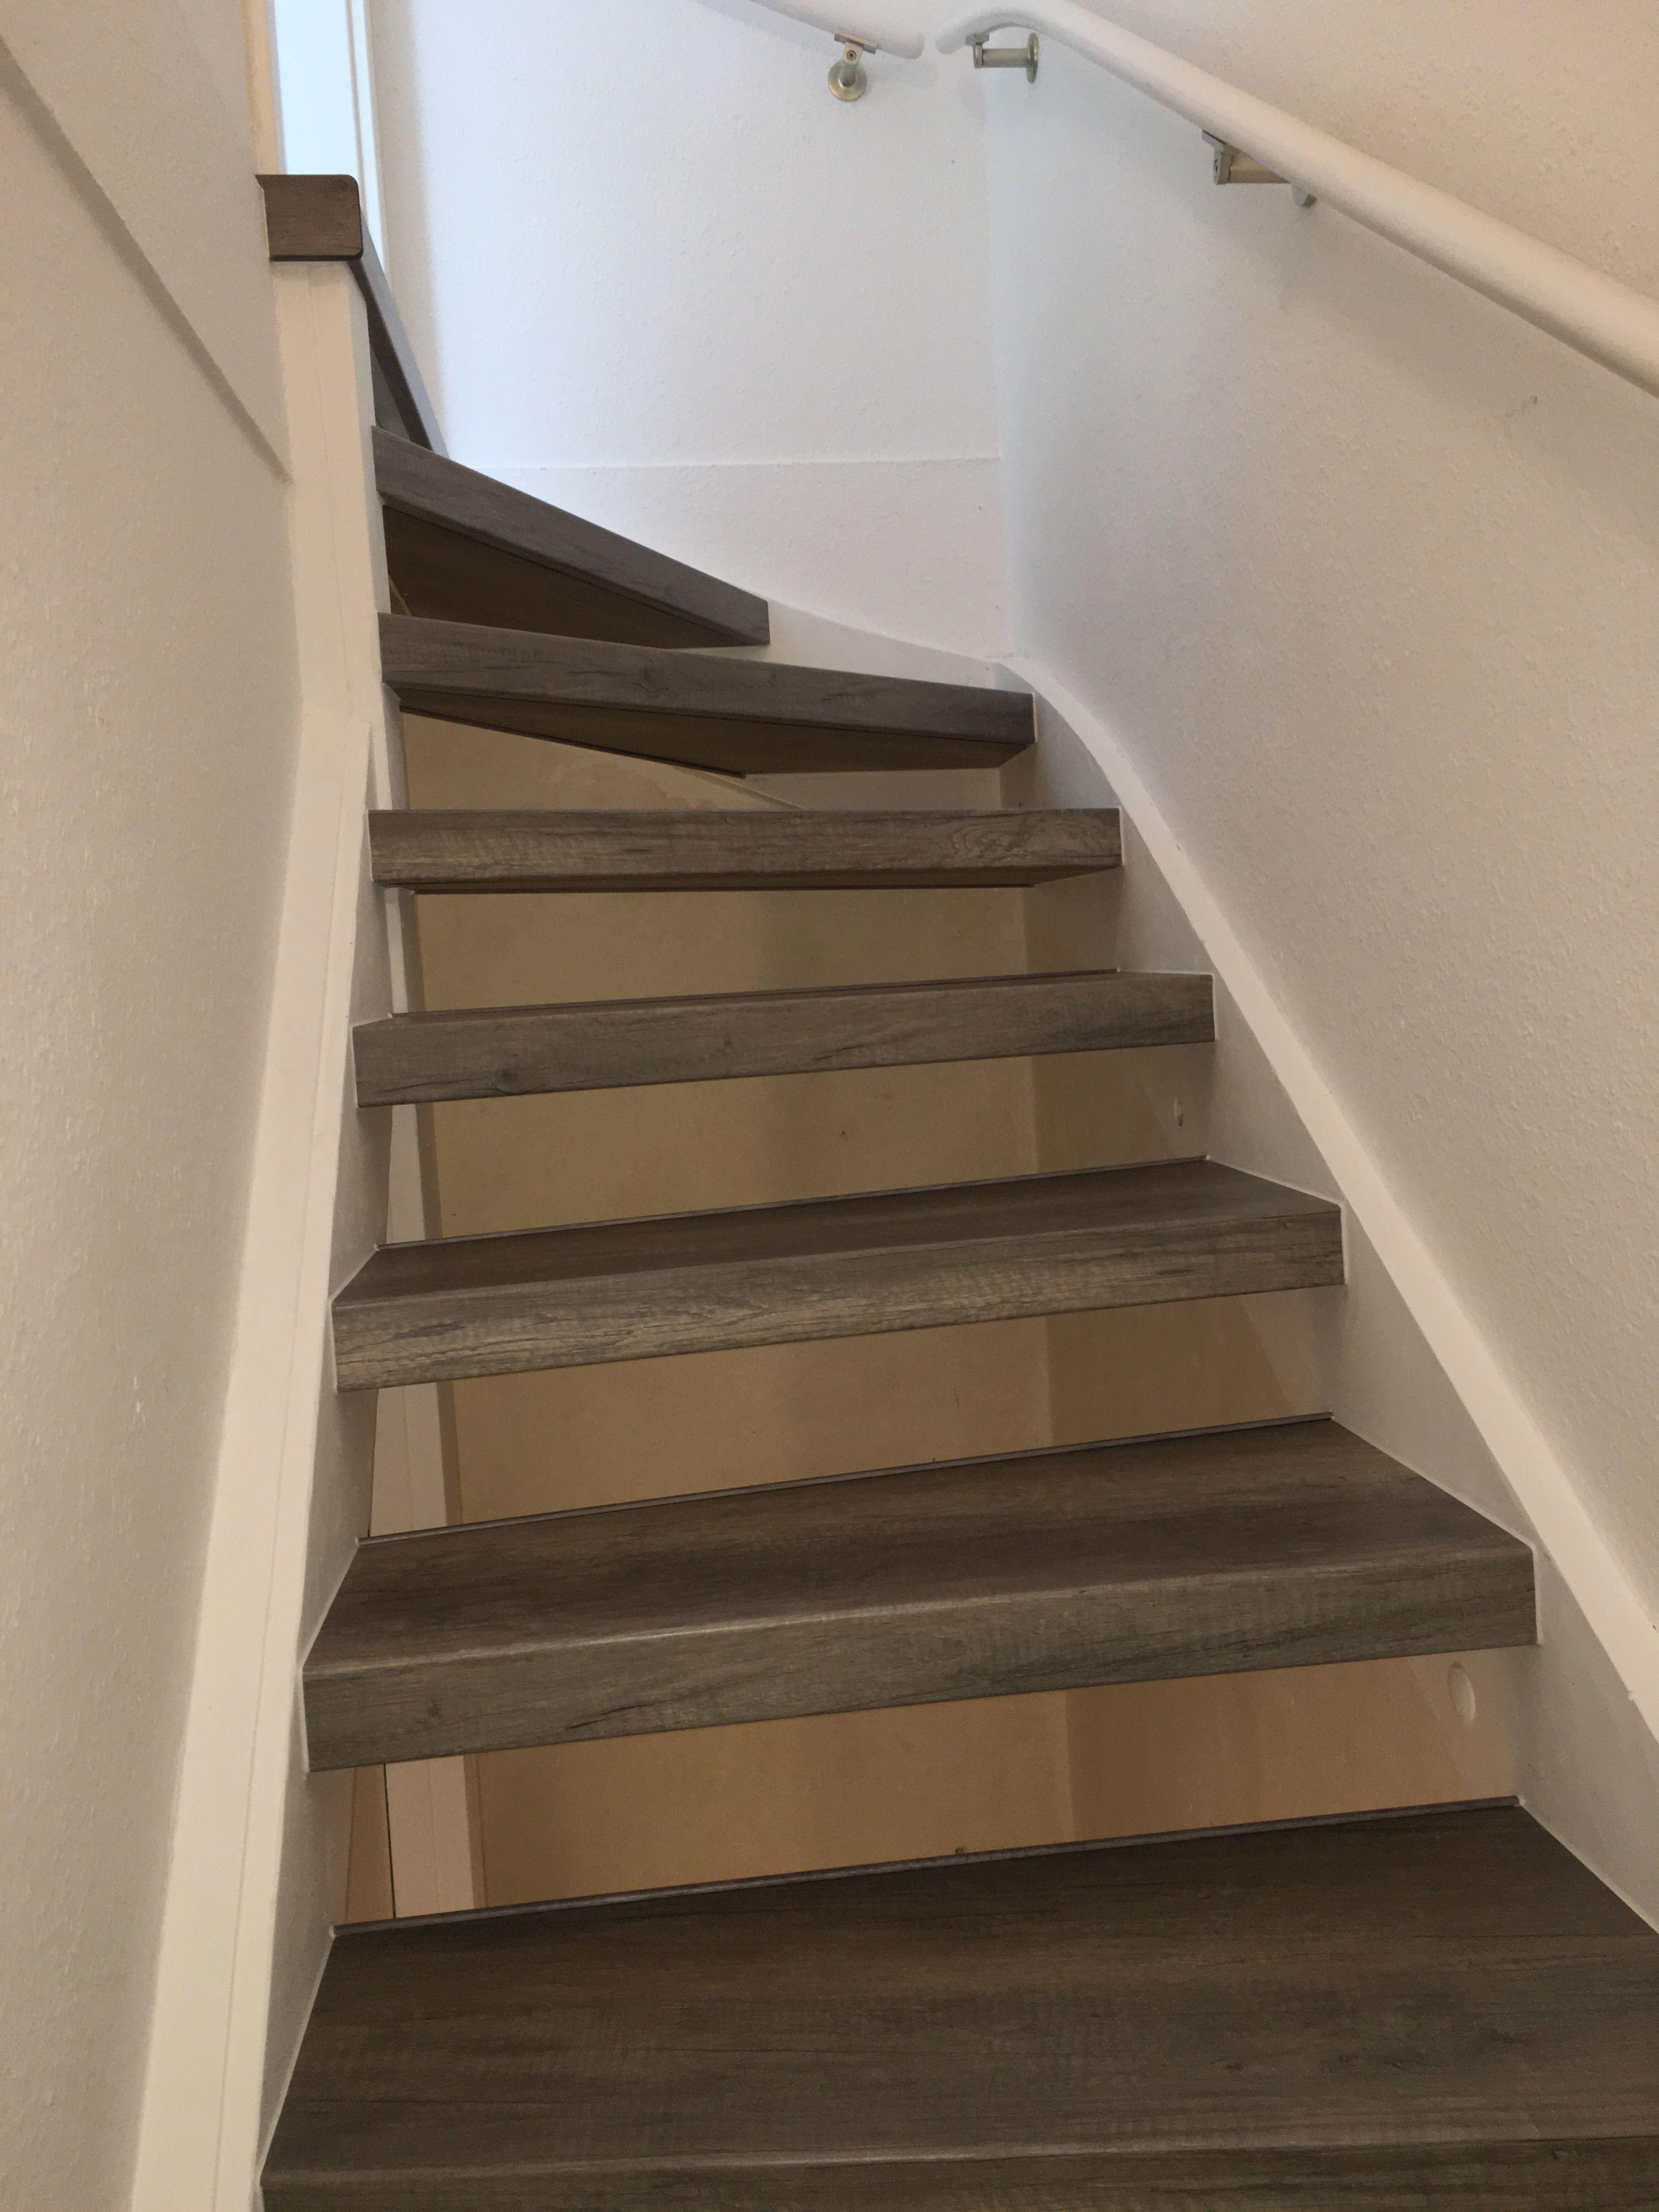 offene treppen neu gestalten treppe. Black Bedroom Furniture Sets. Home Design Ideas